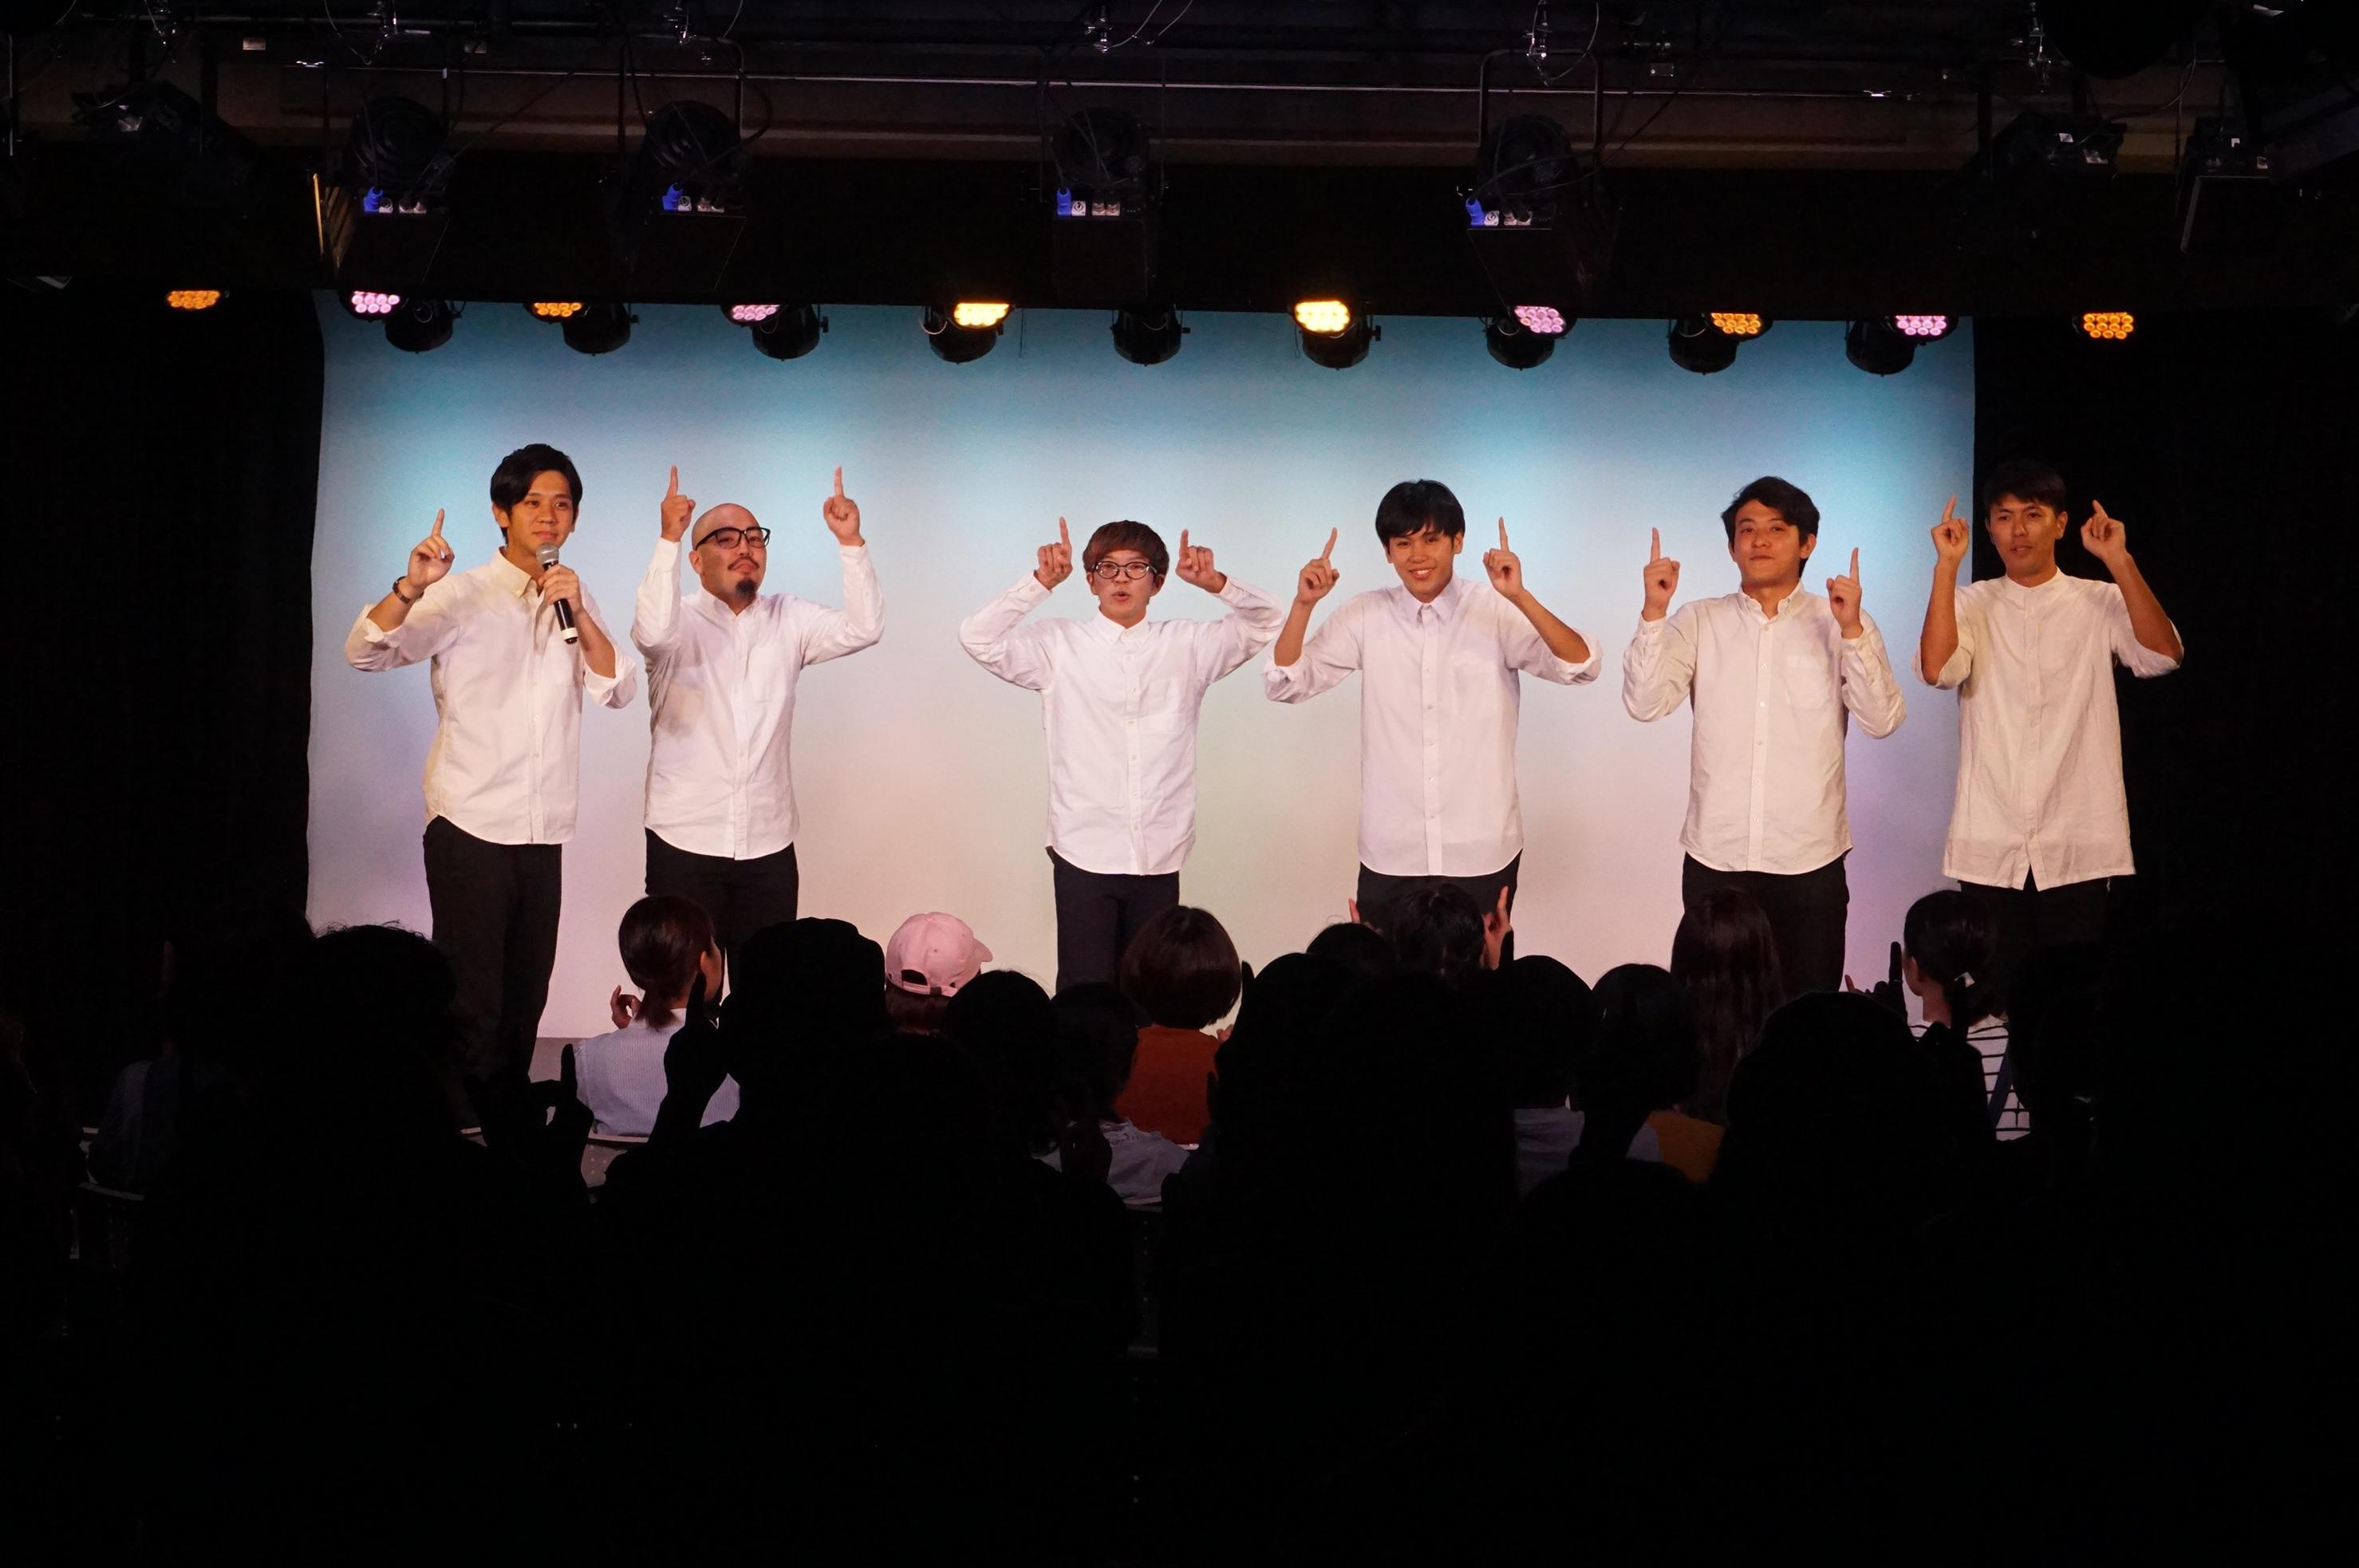 http://news.yoshimoto.co.jp/20180727212753-438c361604c750bf61087d0ac6b3931d17cee28d.jpg